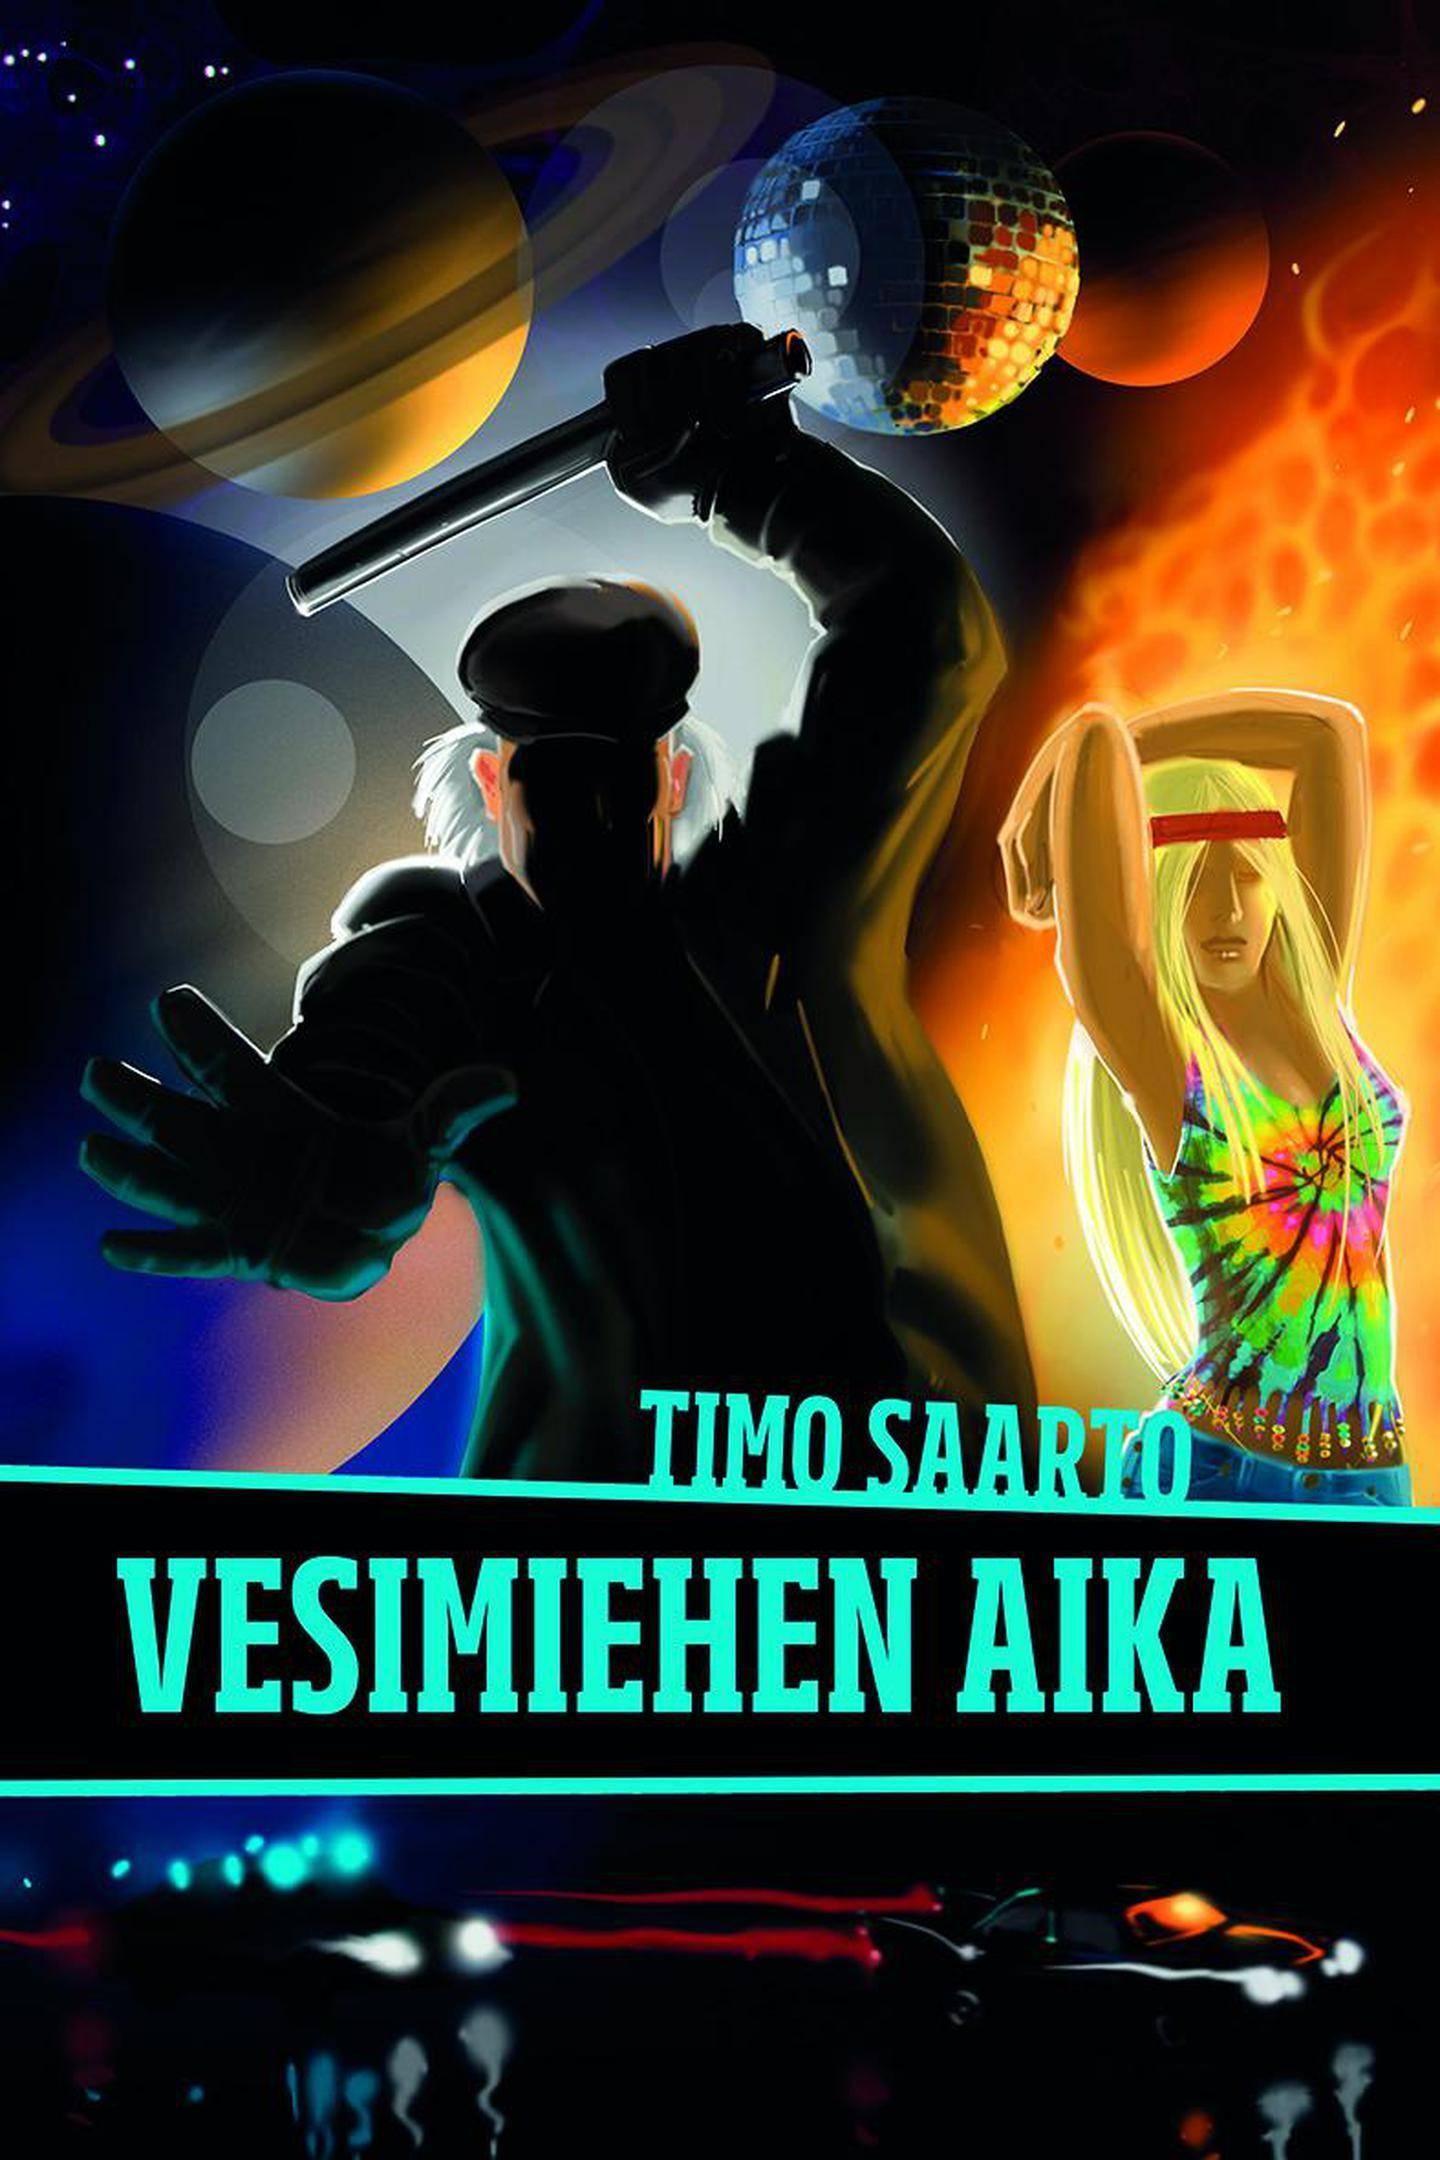 Timo Saarto